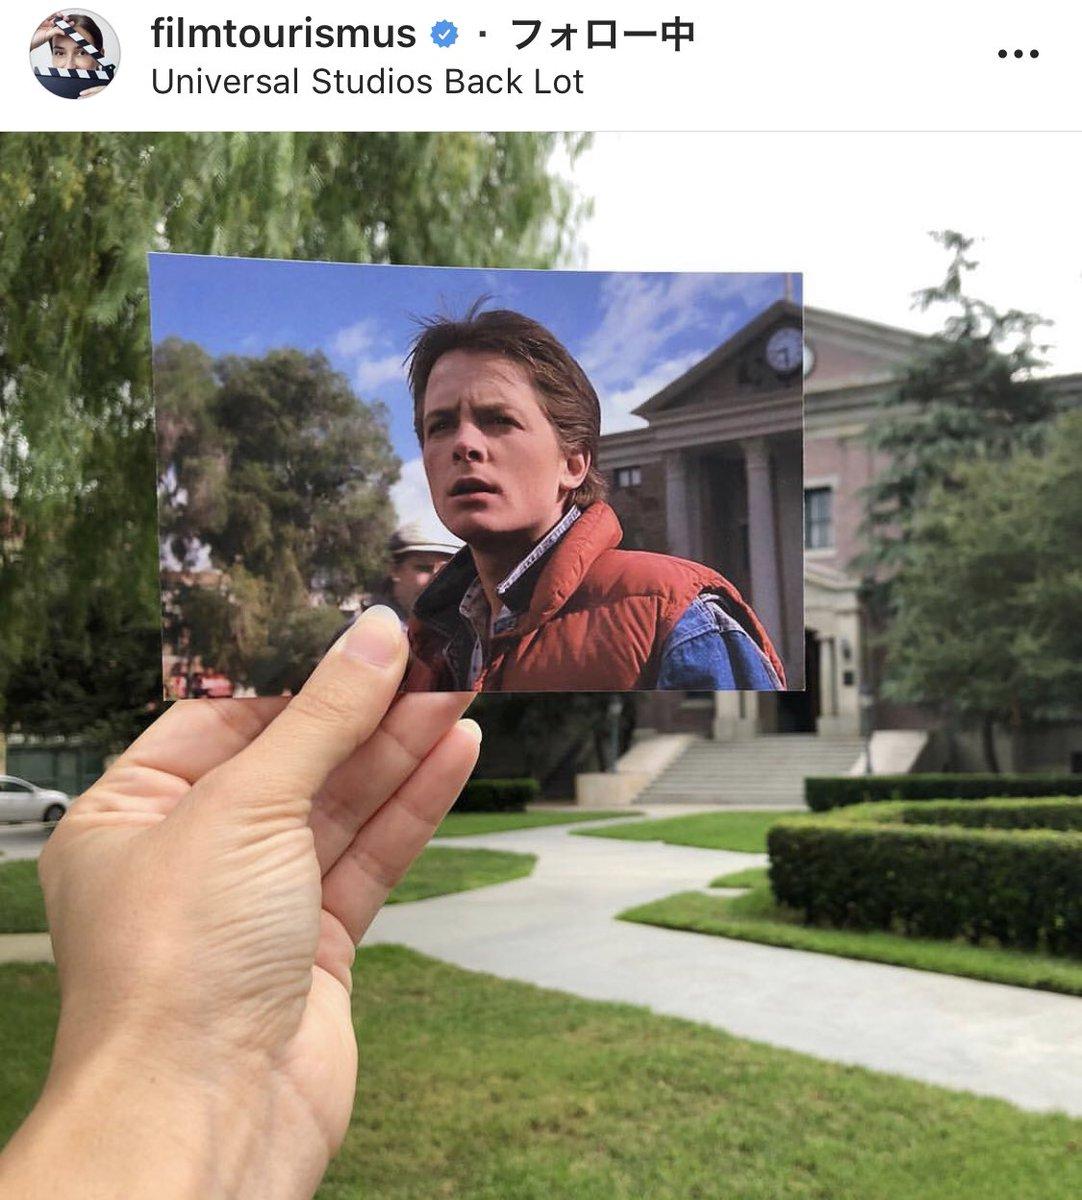 一度はやってみたい?映画のロケ地に赴いてそのシーンの写真をぴったりはめる!